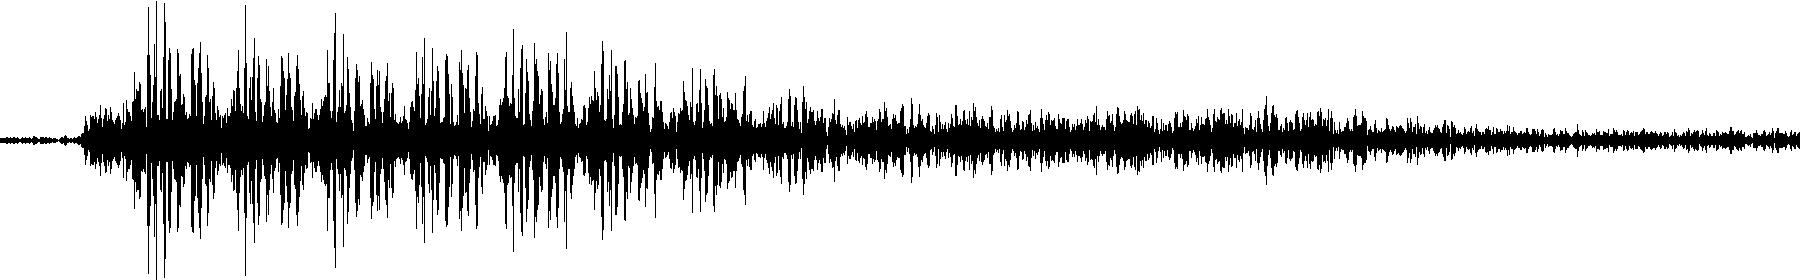 bass noise